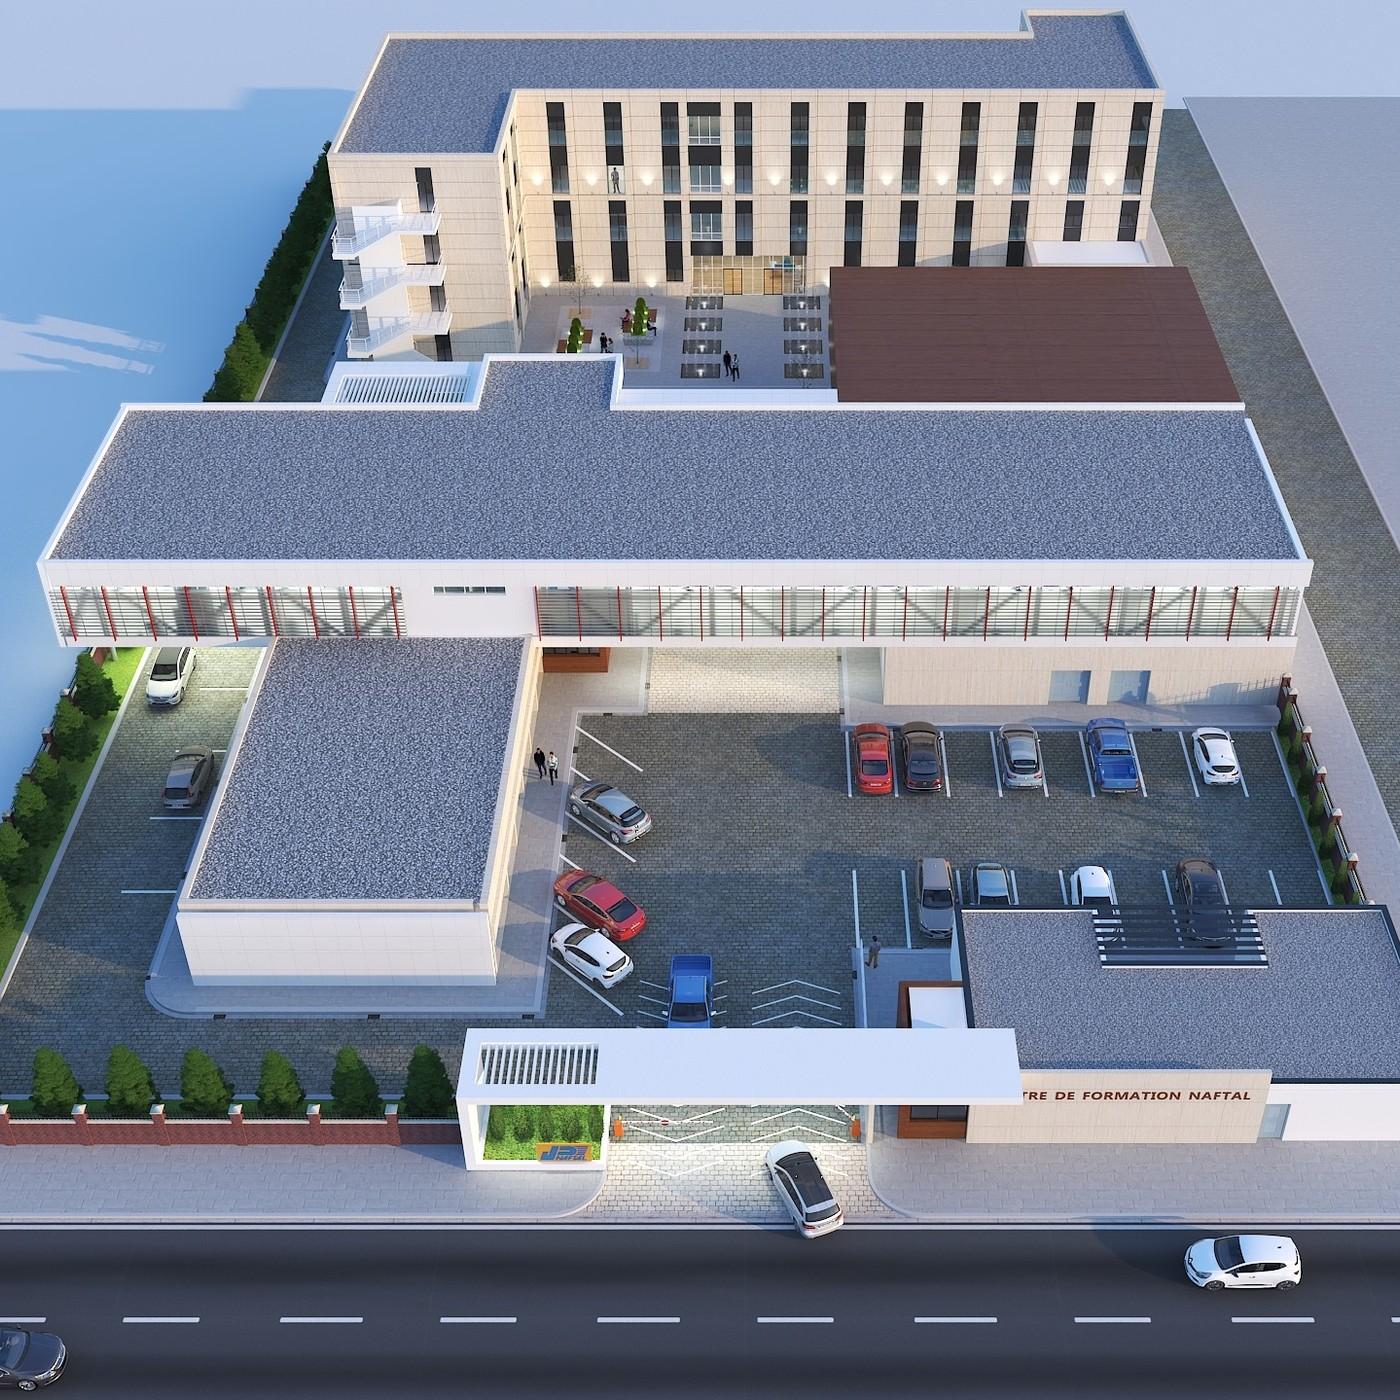 Training center in algeria